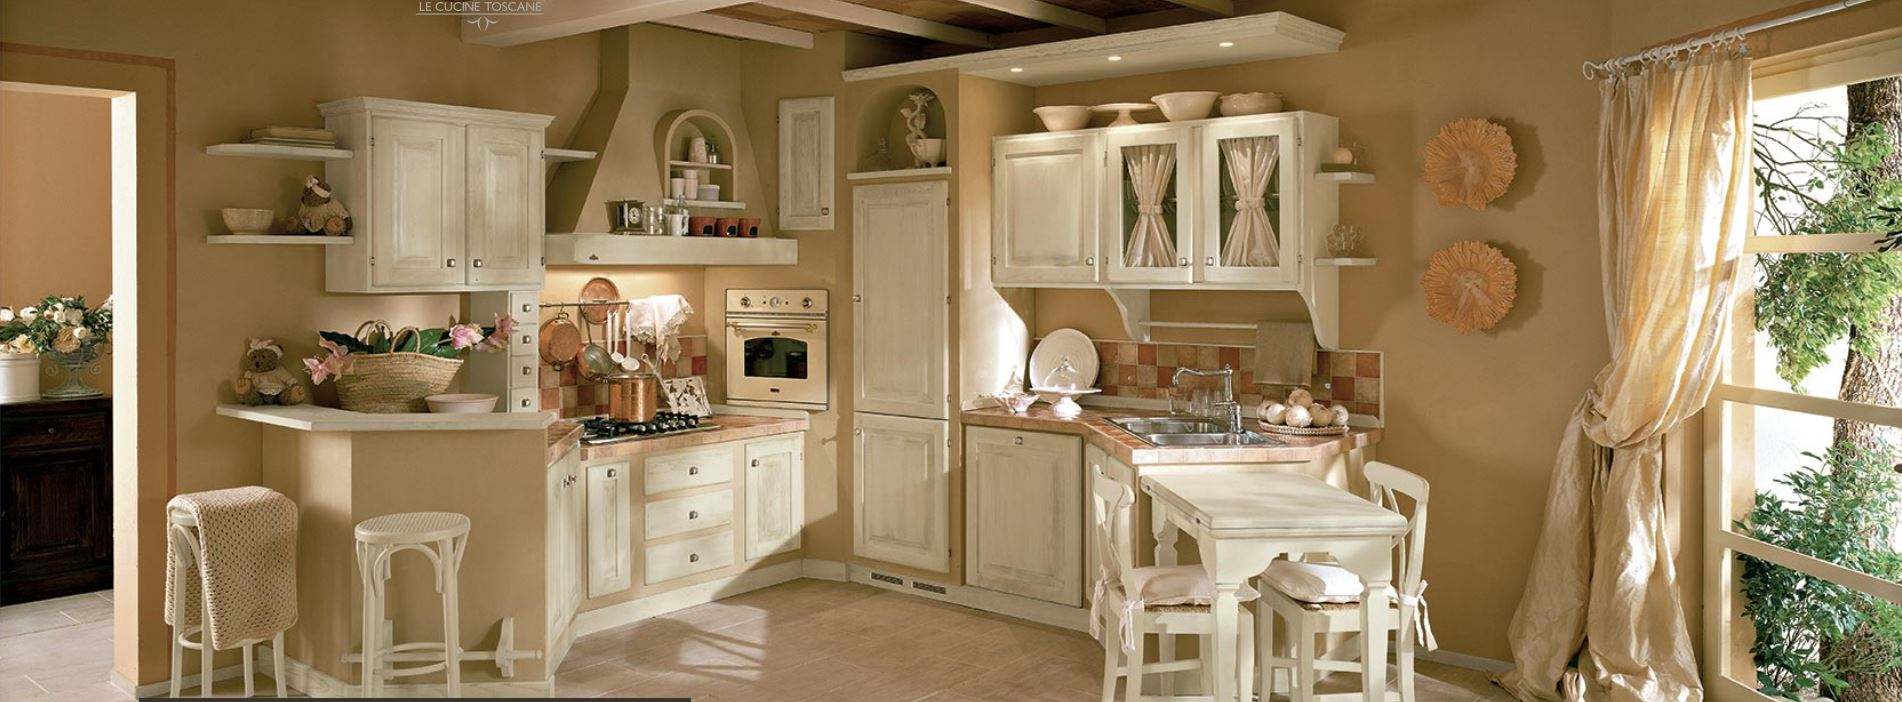 Cucine Da Sogno In Muratura. Cucina Muratura Shabby Chic Cerca Con ...